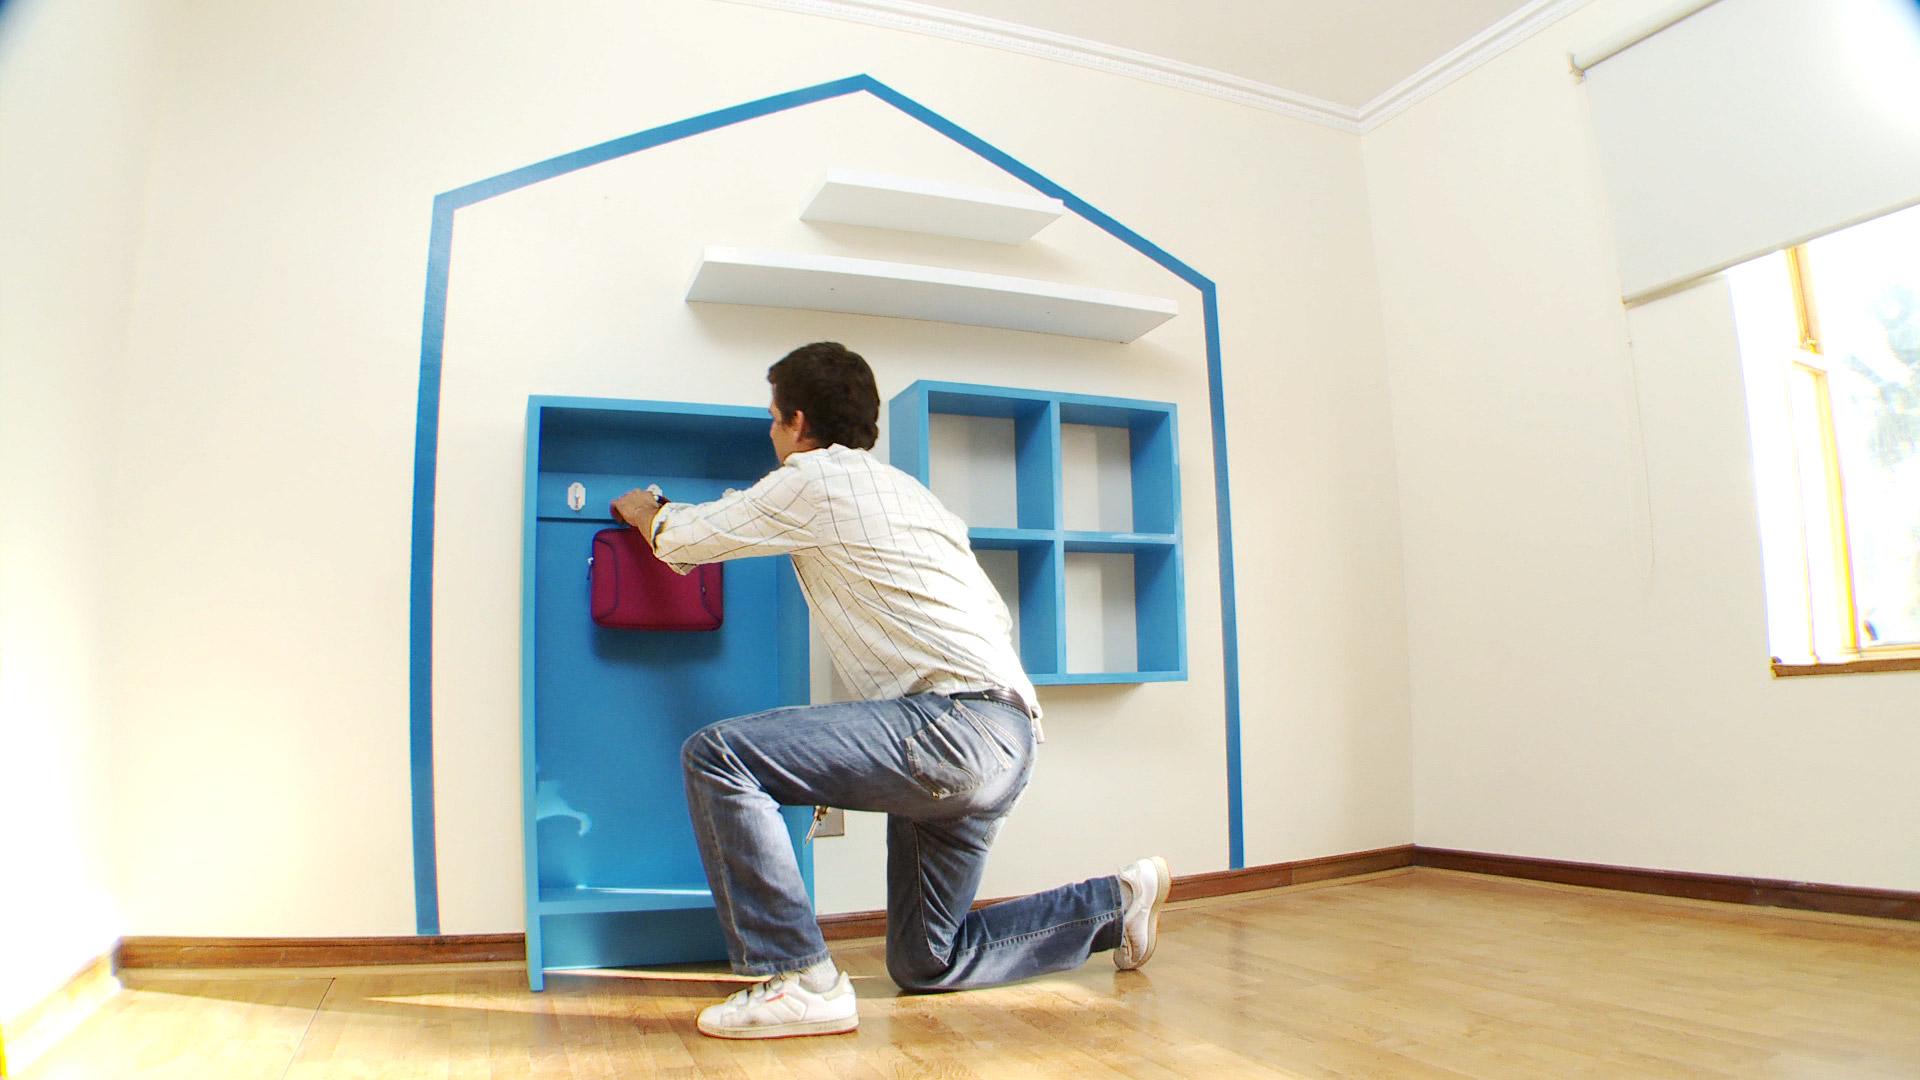 Hágalo Usted Mismo - ¿Cómo implementar un dormitorio para bebé?